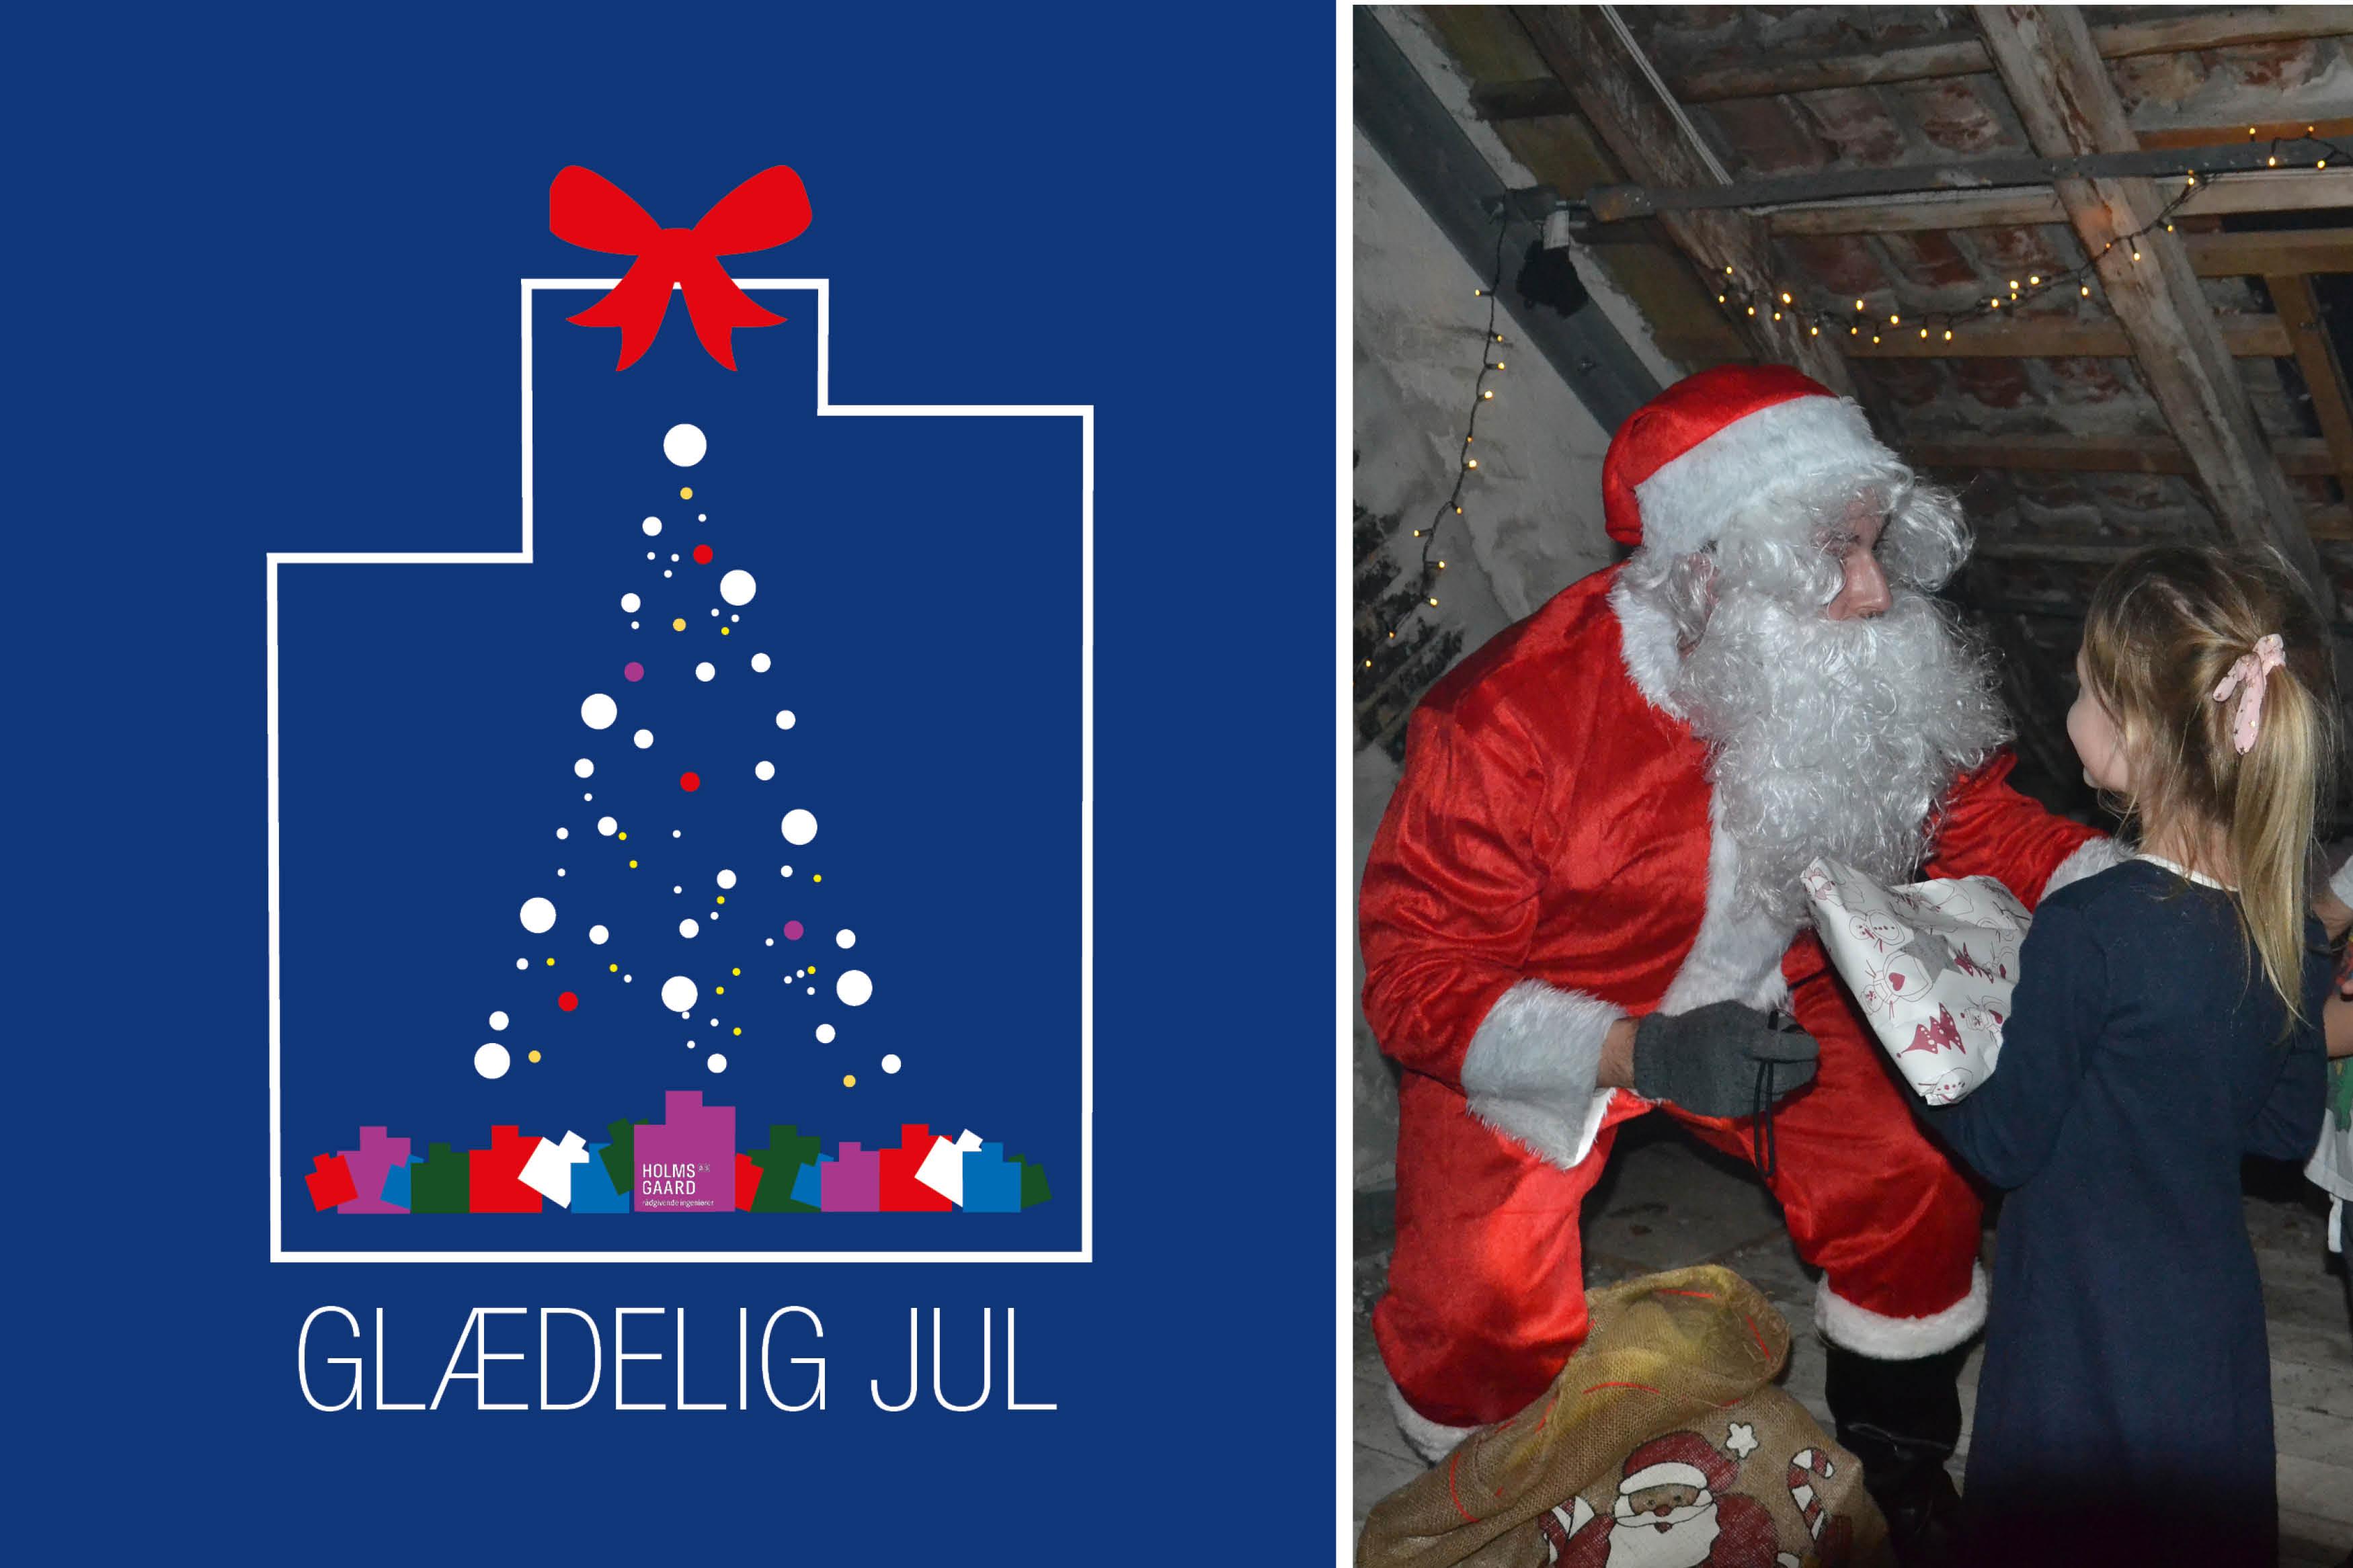 Holmsgaard Ønsker God Jul